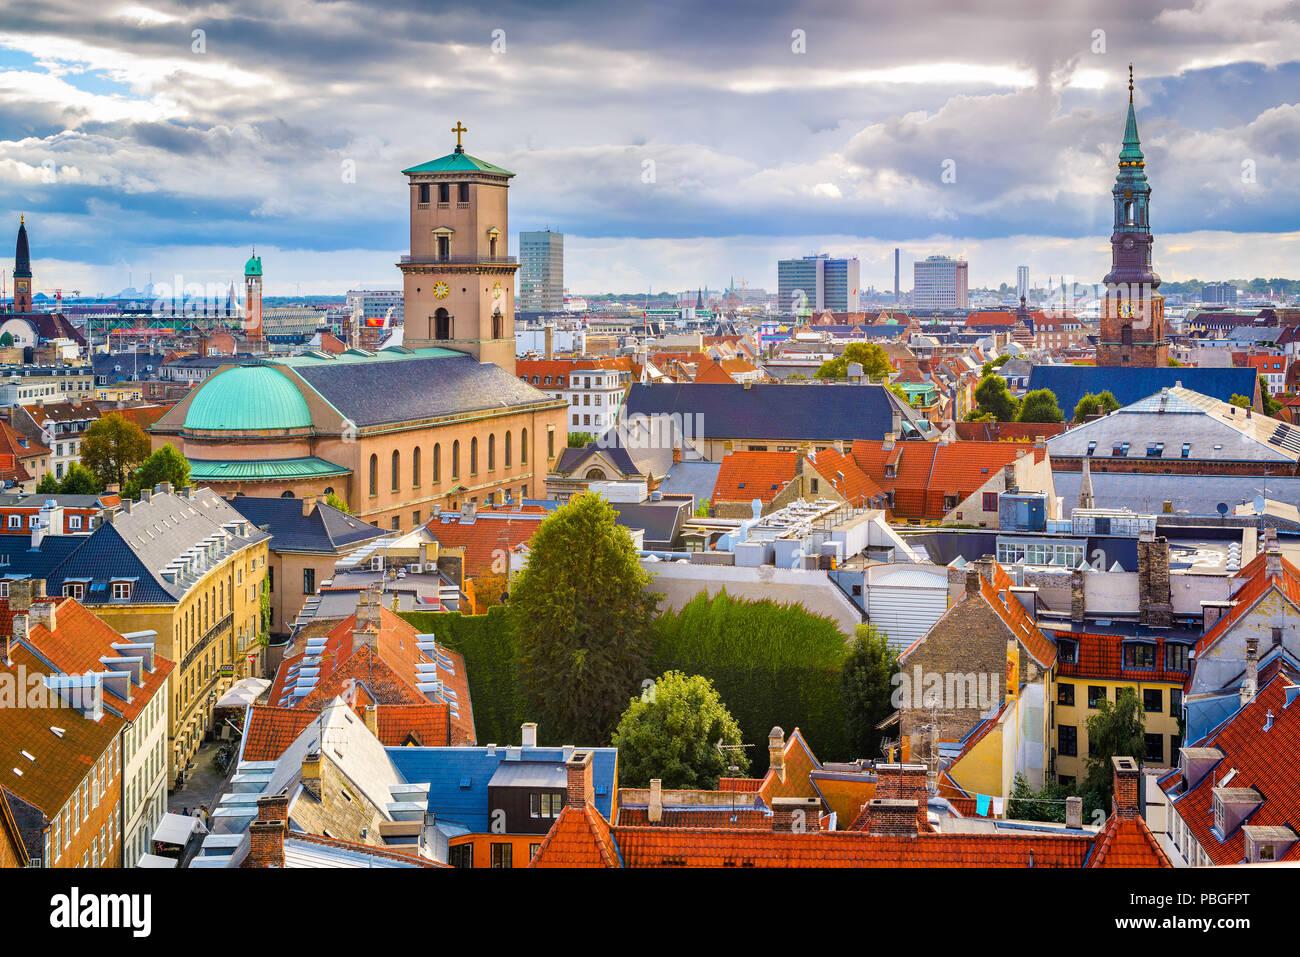 Alten Skyline von Kopenhagen, Dänemark. Stockfoto